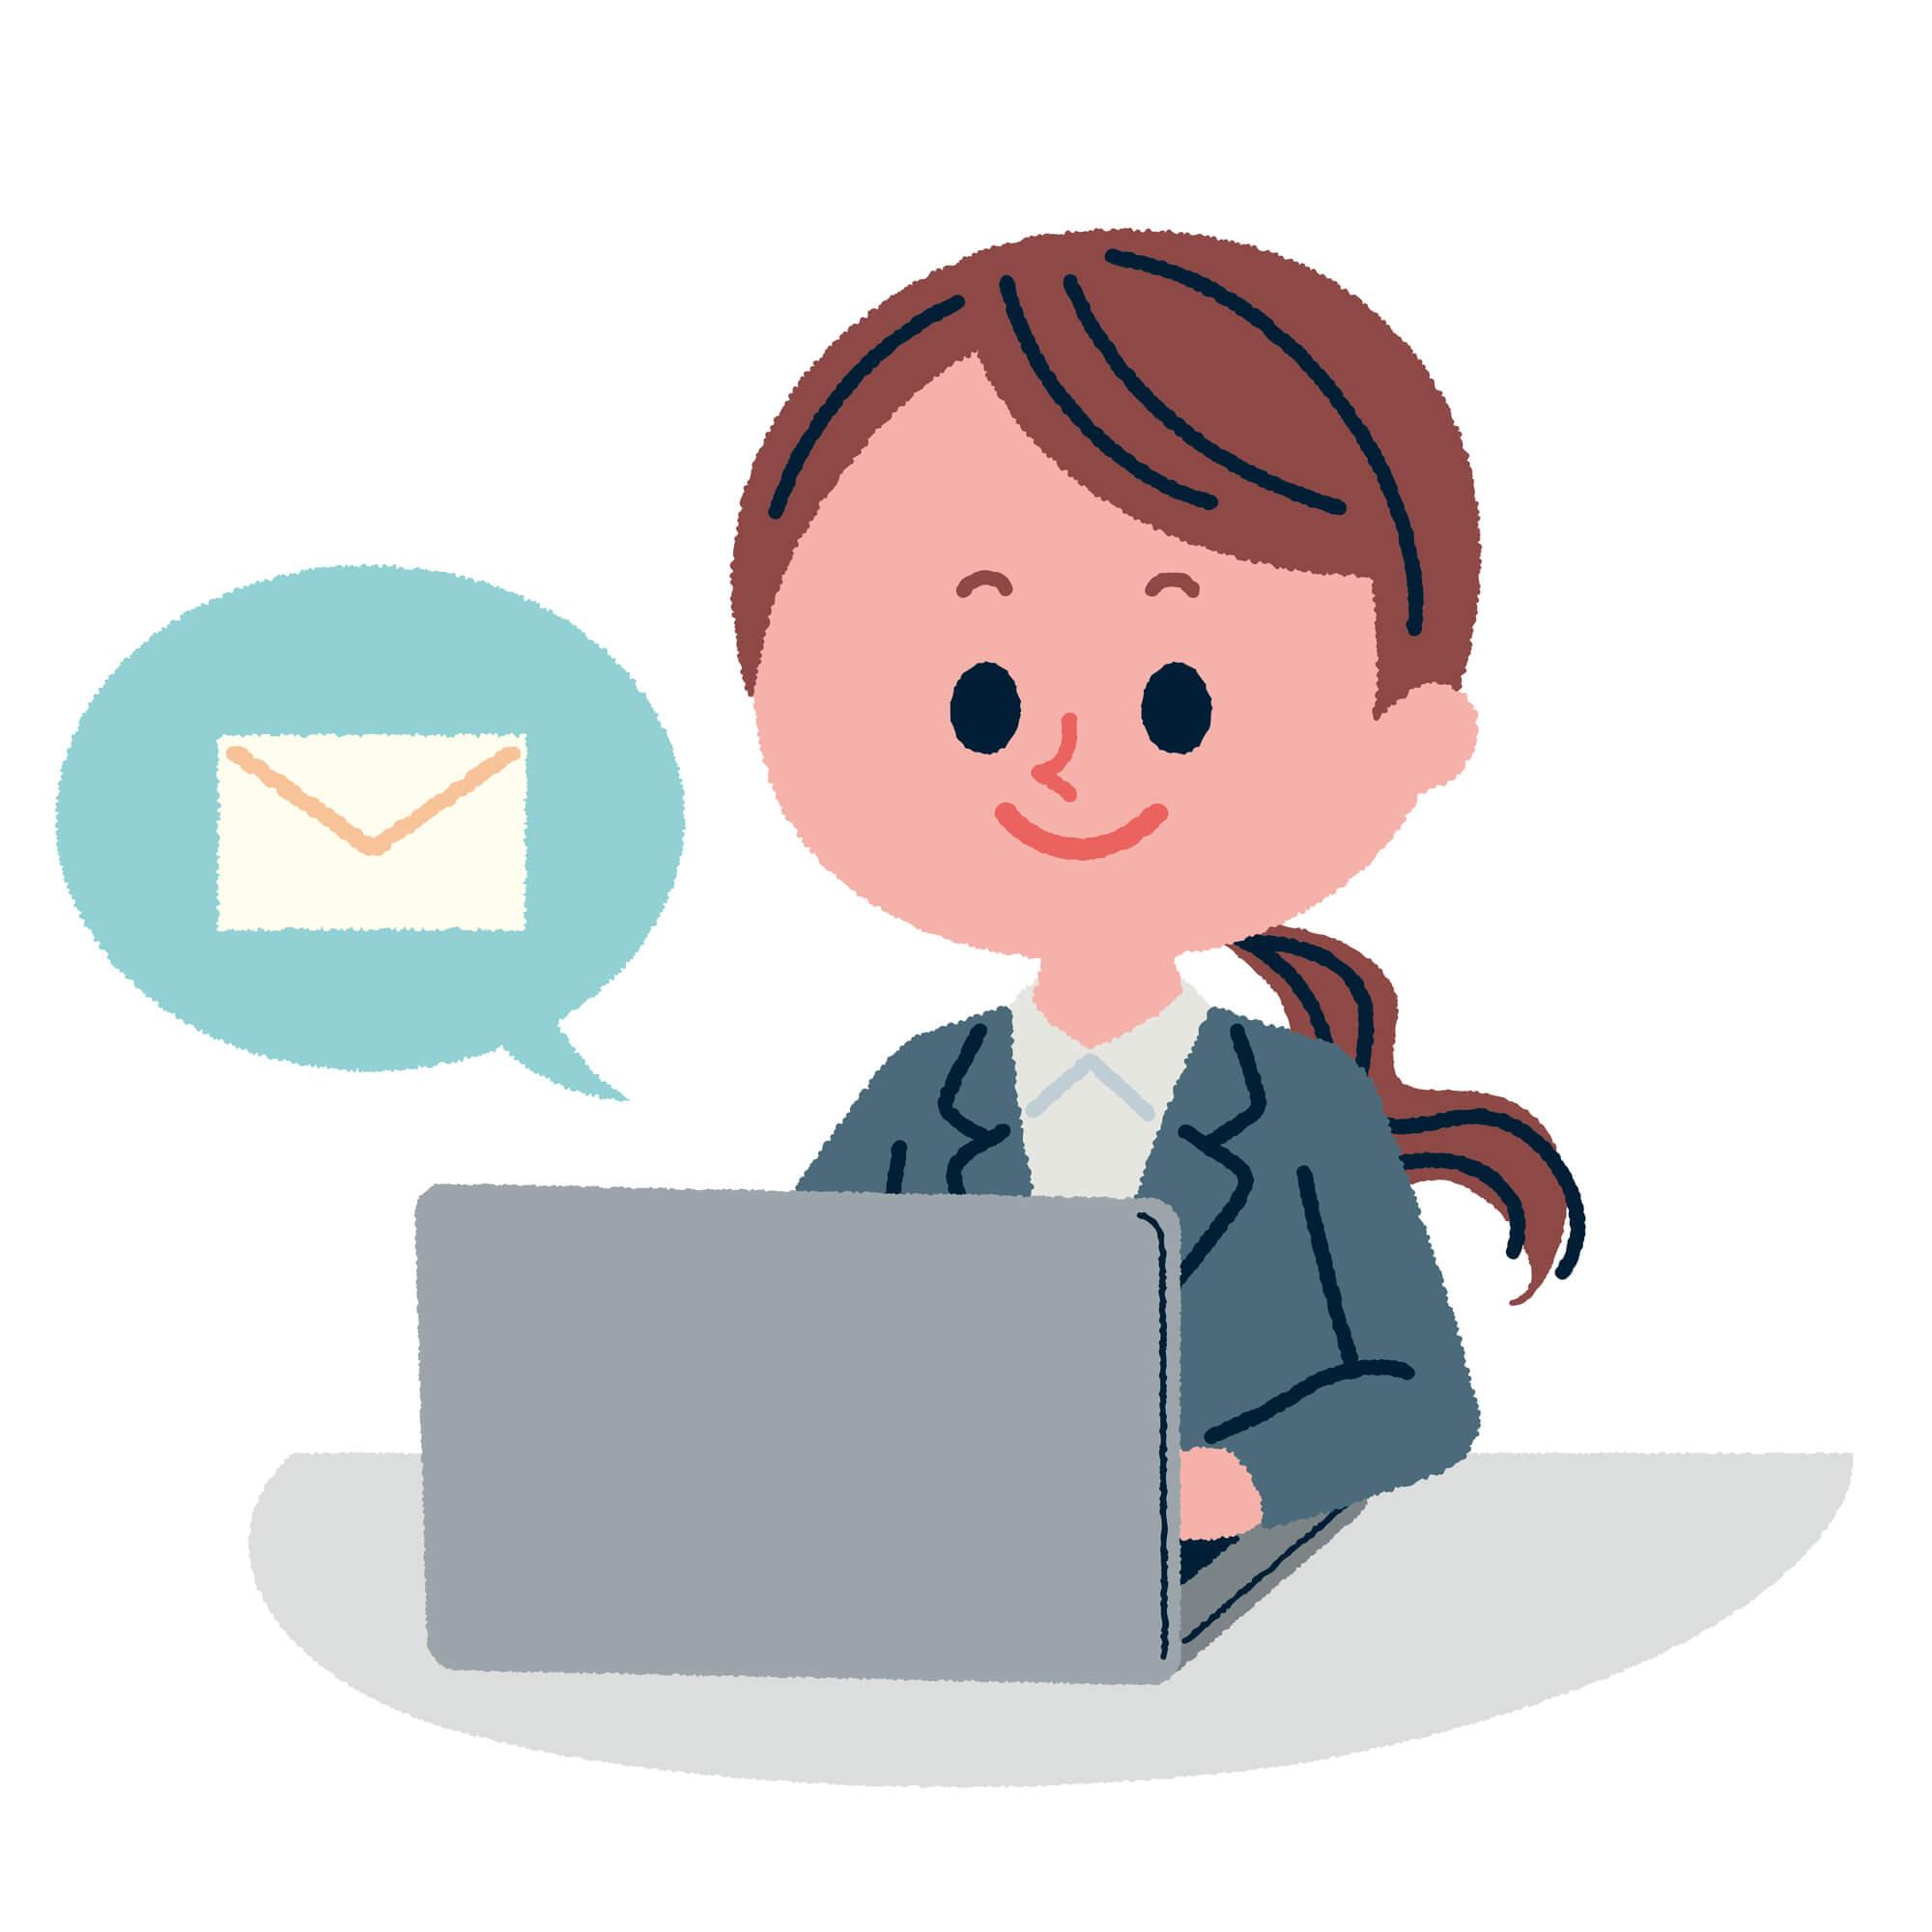 クライアントとメールカウンセリングをしている女性カウンセラー